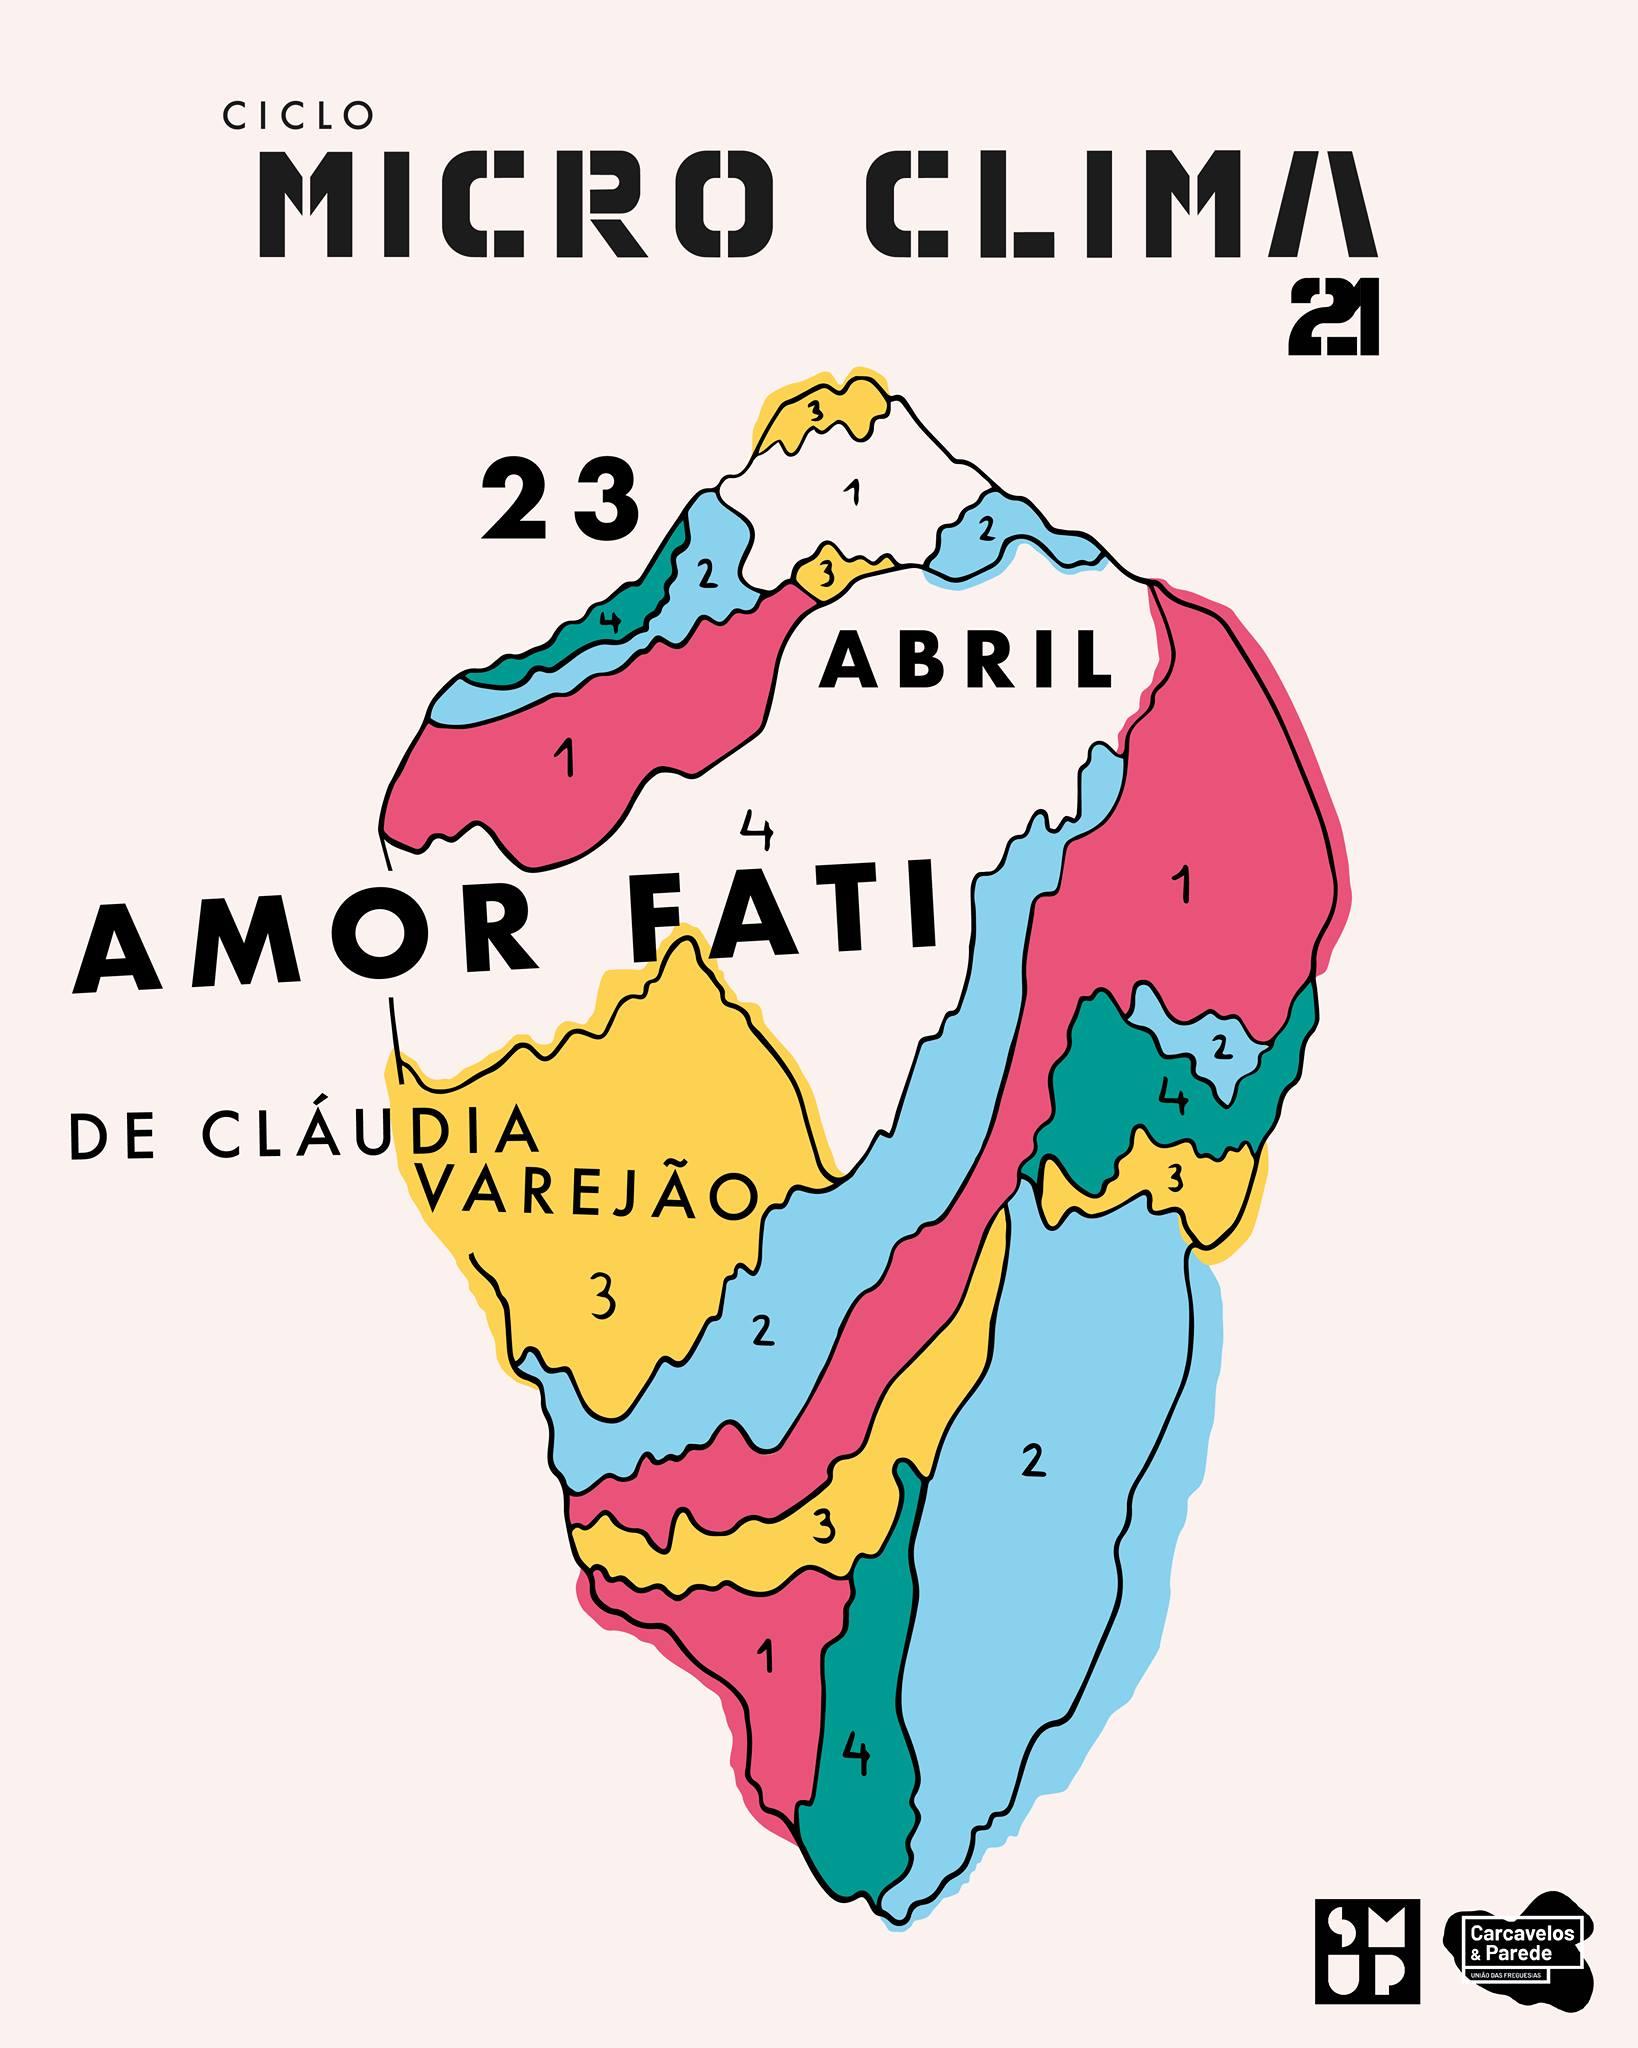 Ciclo Micro Clima - Amor Fati de Cláudia Varejão